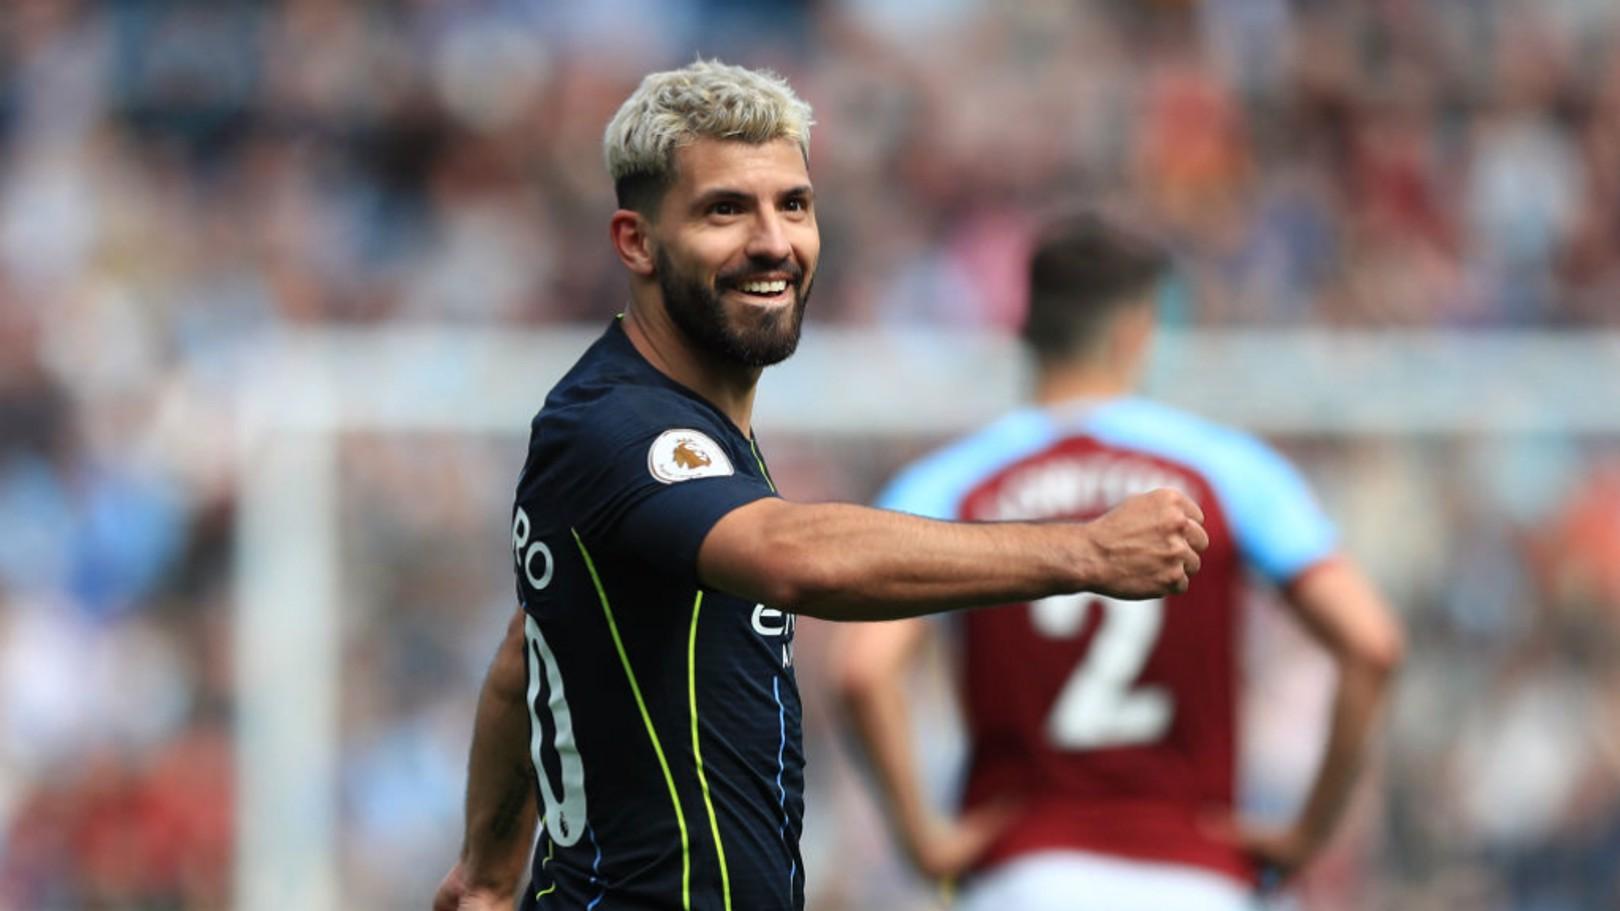 WINNING: That goal scoring smile.